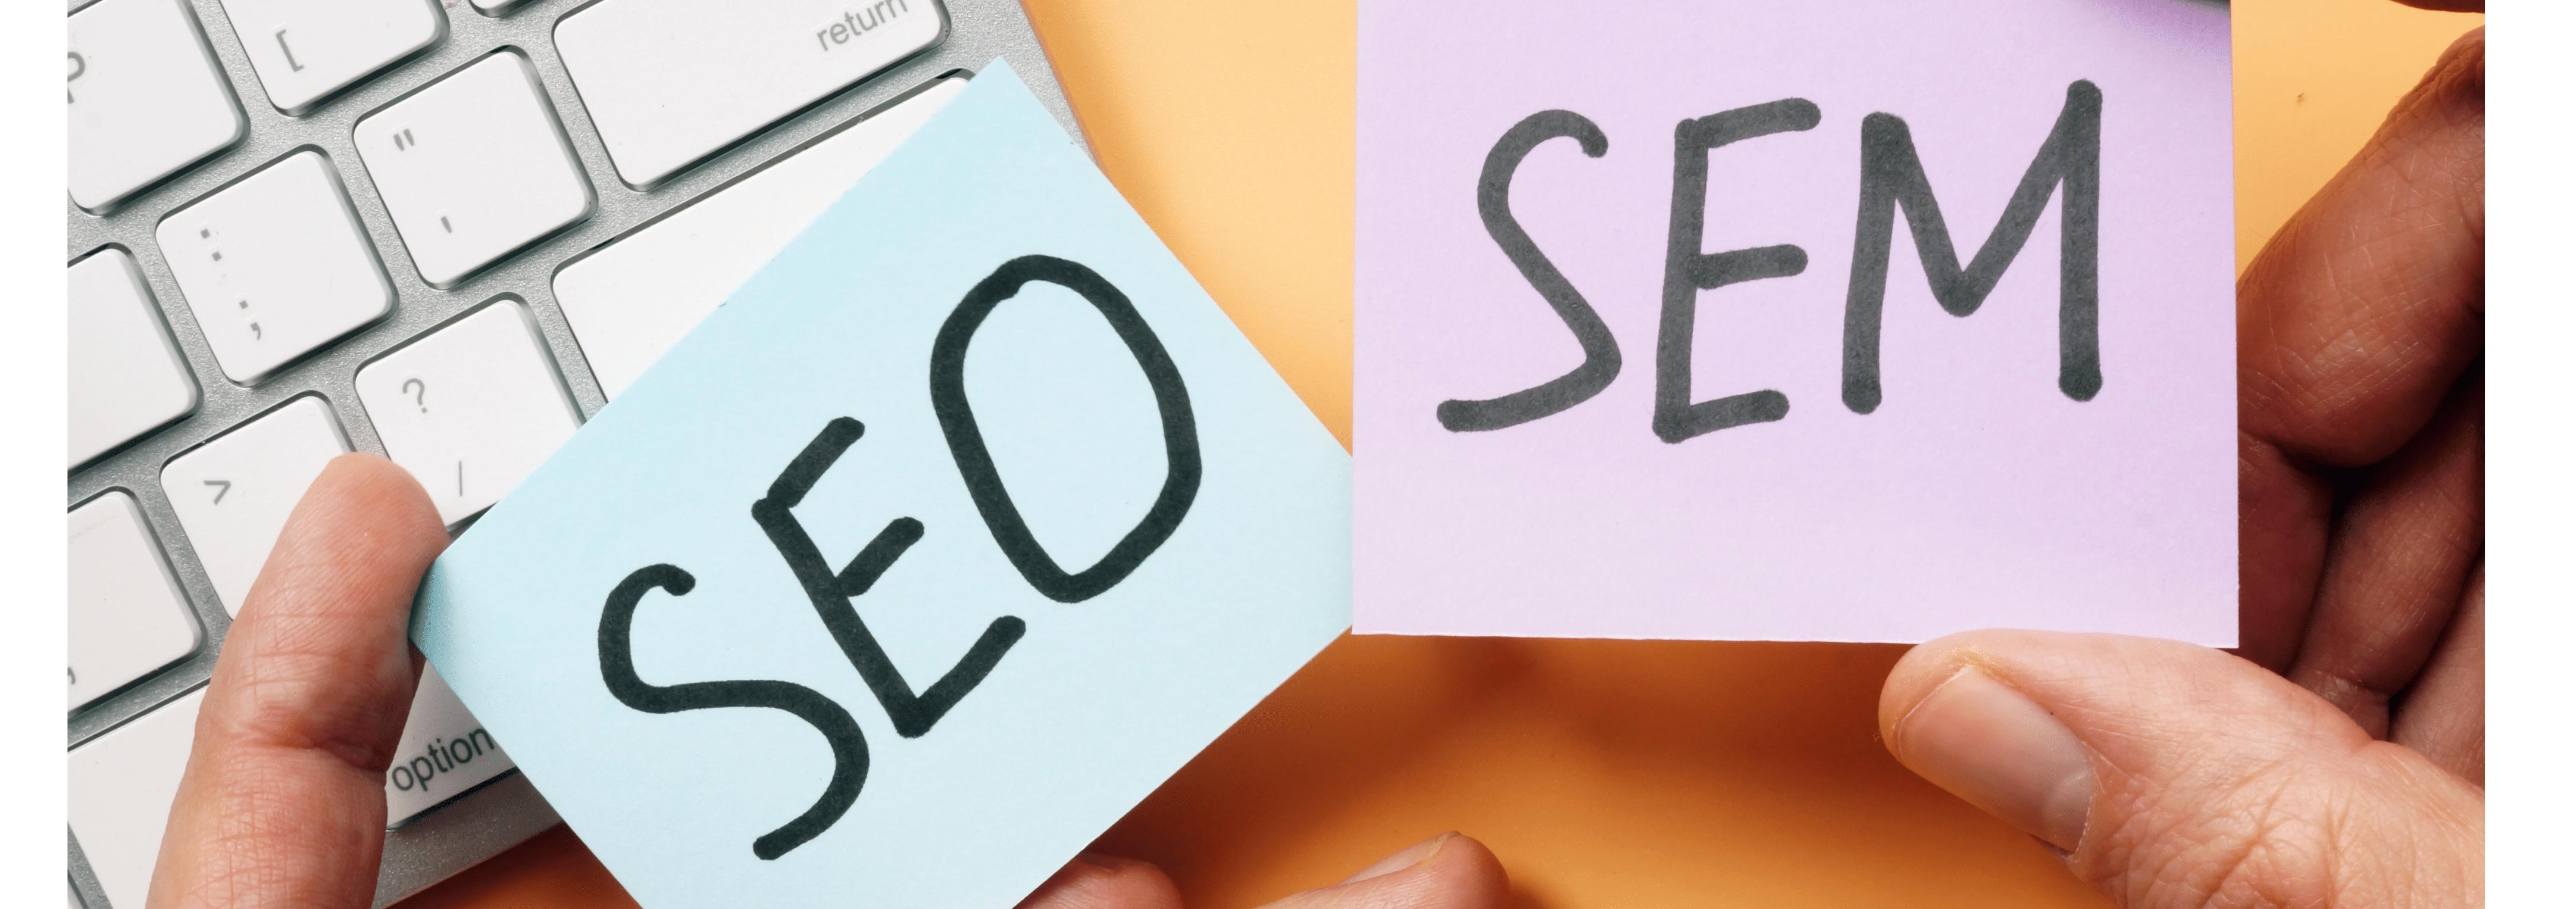 Quelle est la différence entre SEO et SEM ? by Searchbooster